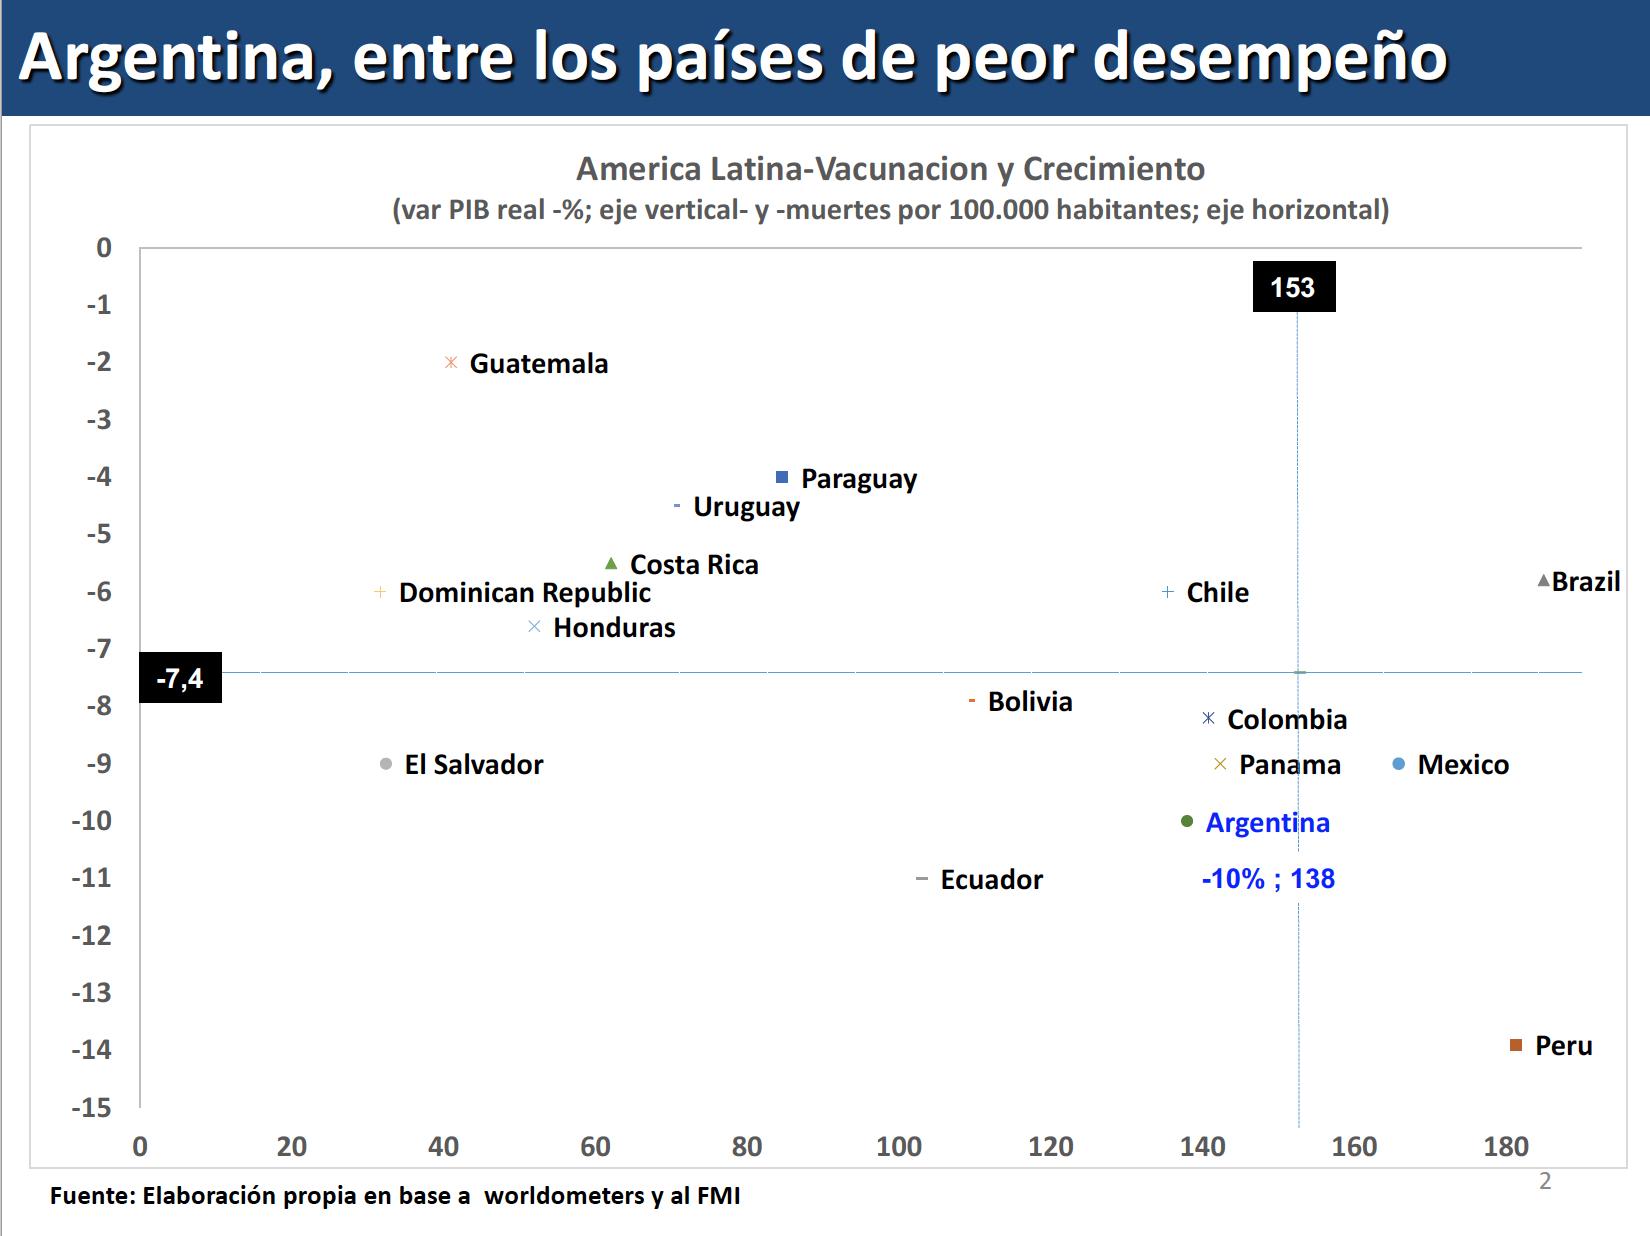 Argentina mal desempeño en vacunación y crecimiento durante pandemia Covid